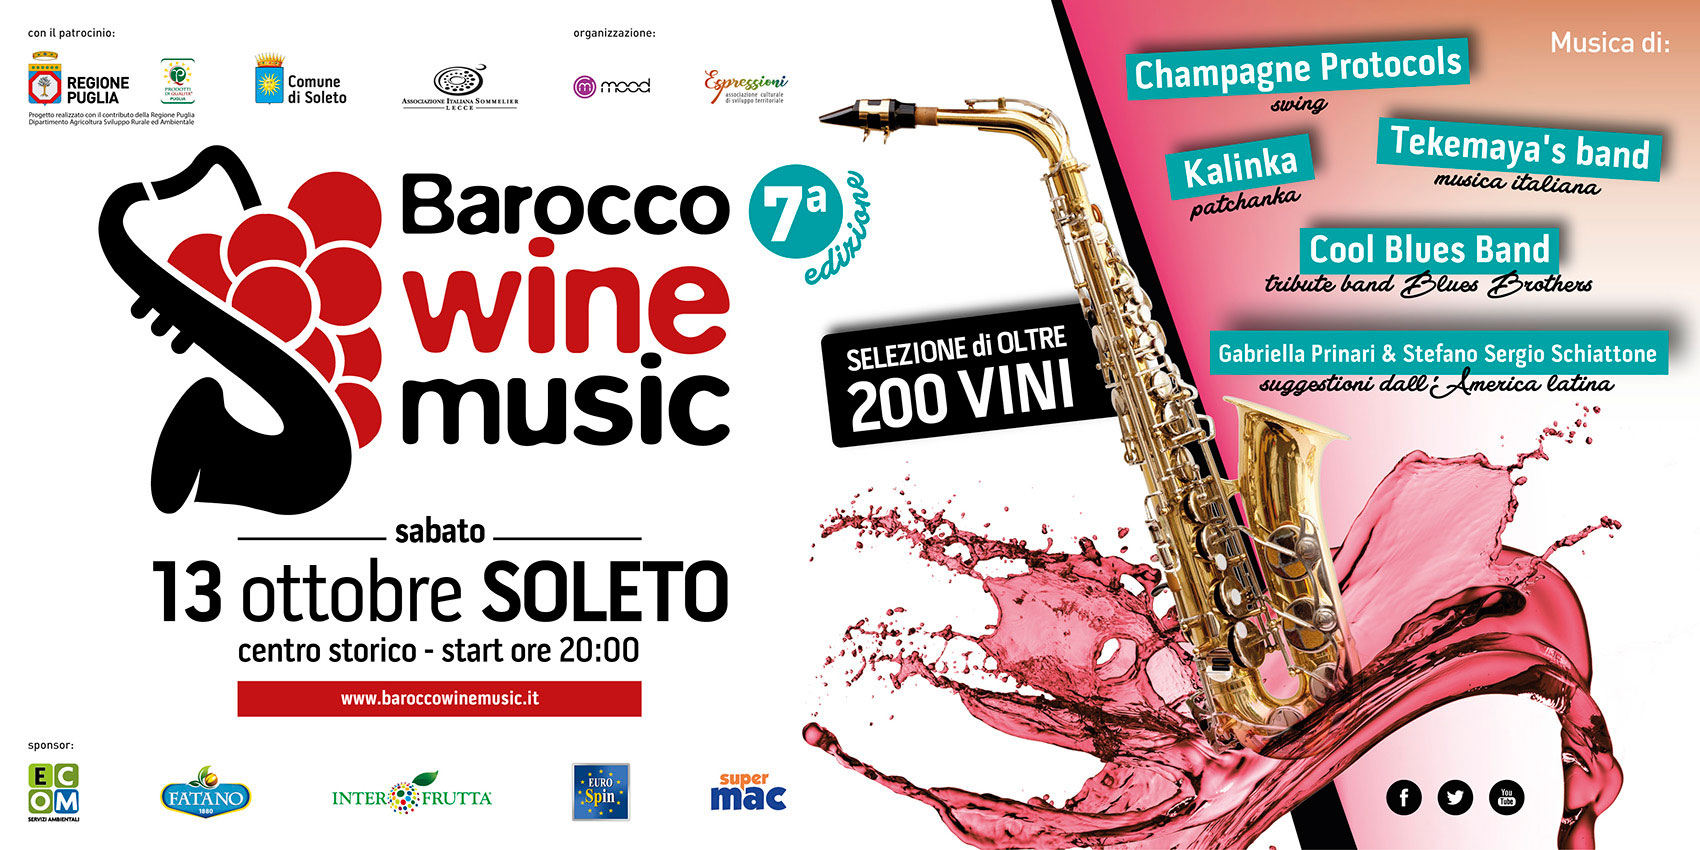 SETTIMA EDIZIONE DEL BAROCCO WINE MUSIC